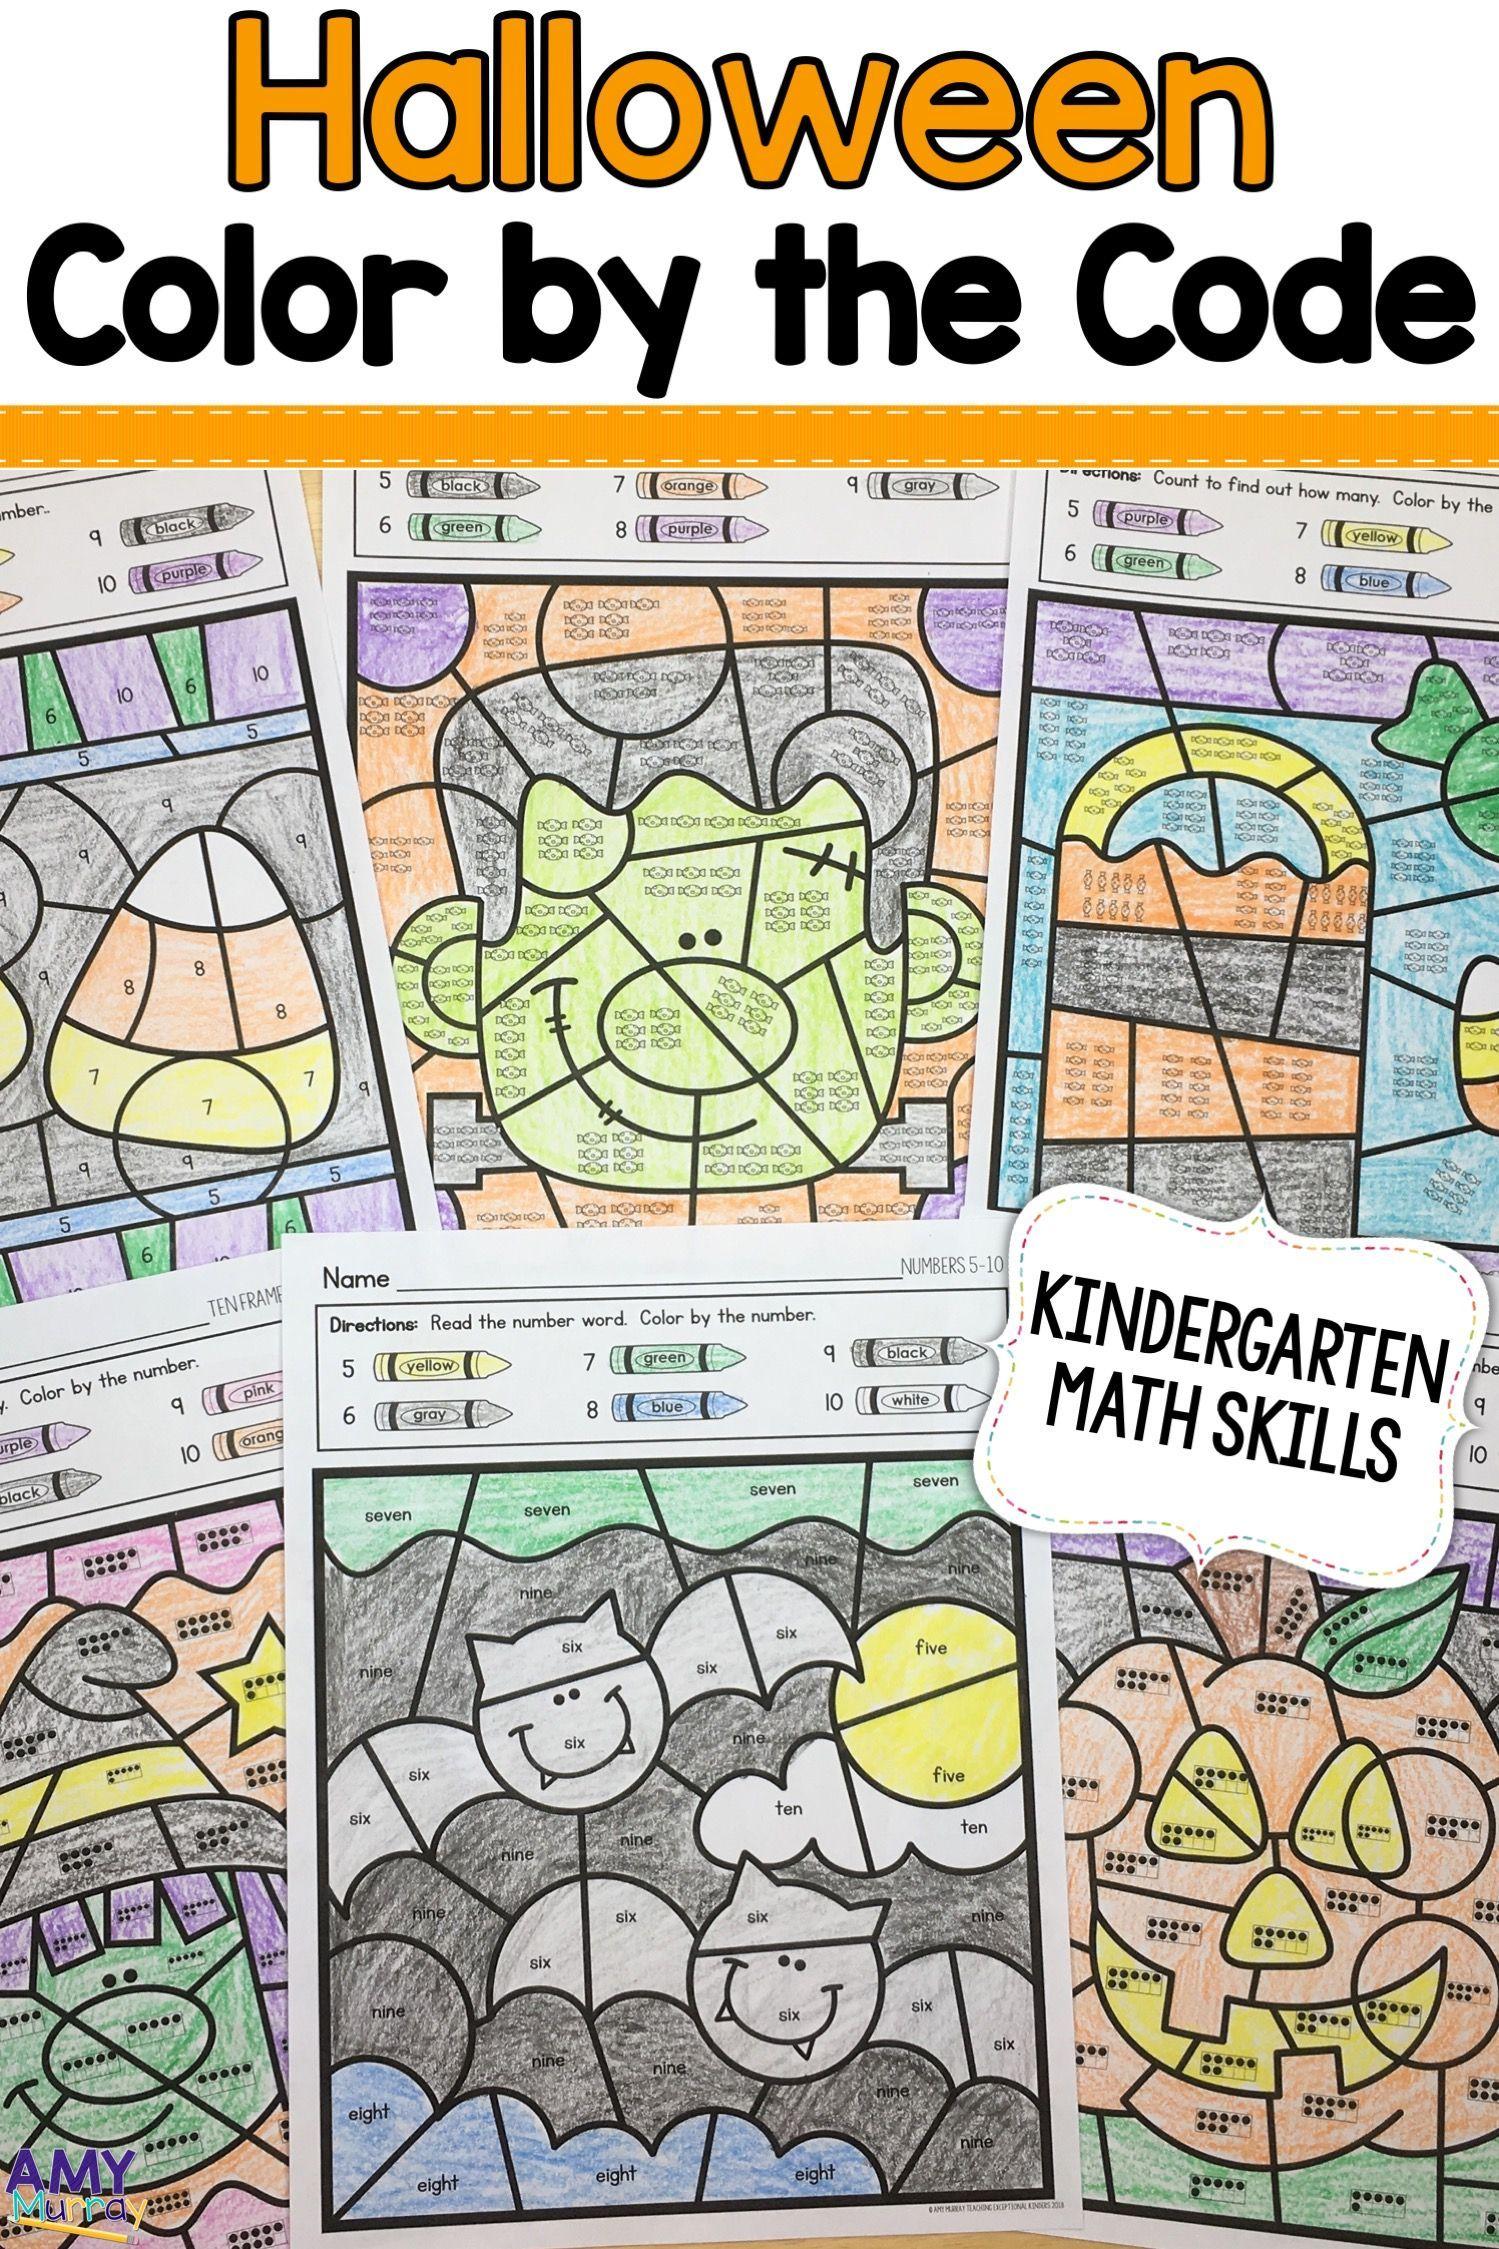 Halloween Color By Number Kindergarten Math Worksheets Kindergarten Math Numbers Kindergarten Halloween Coloring [ 2249 x 1499 Pixel ]